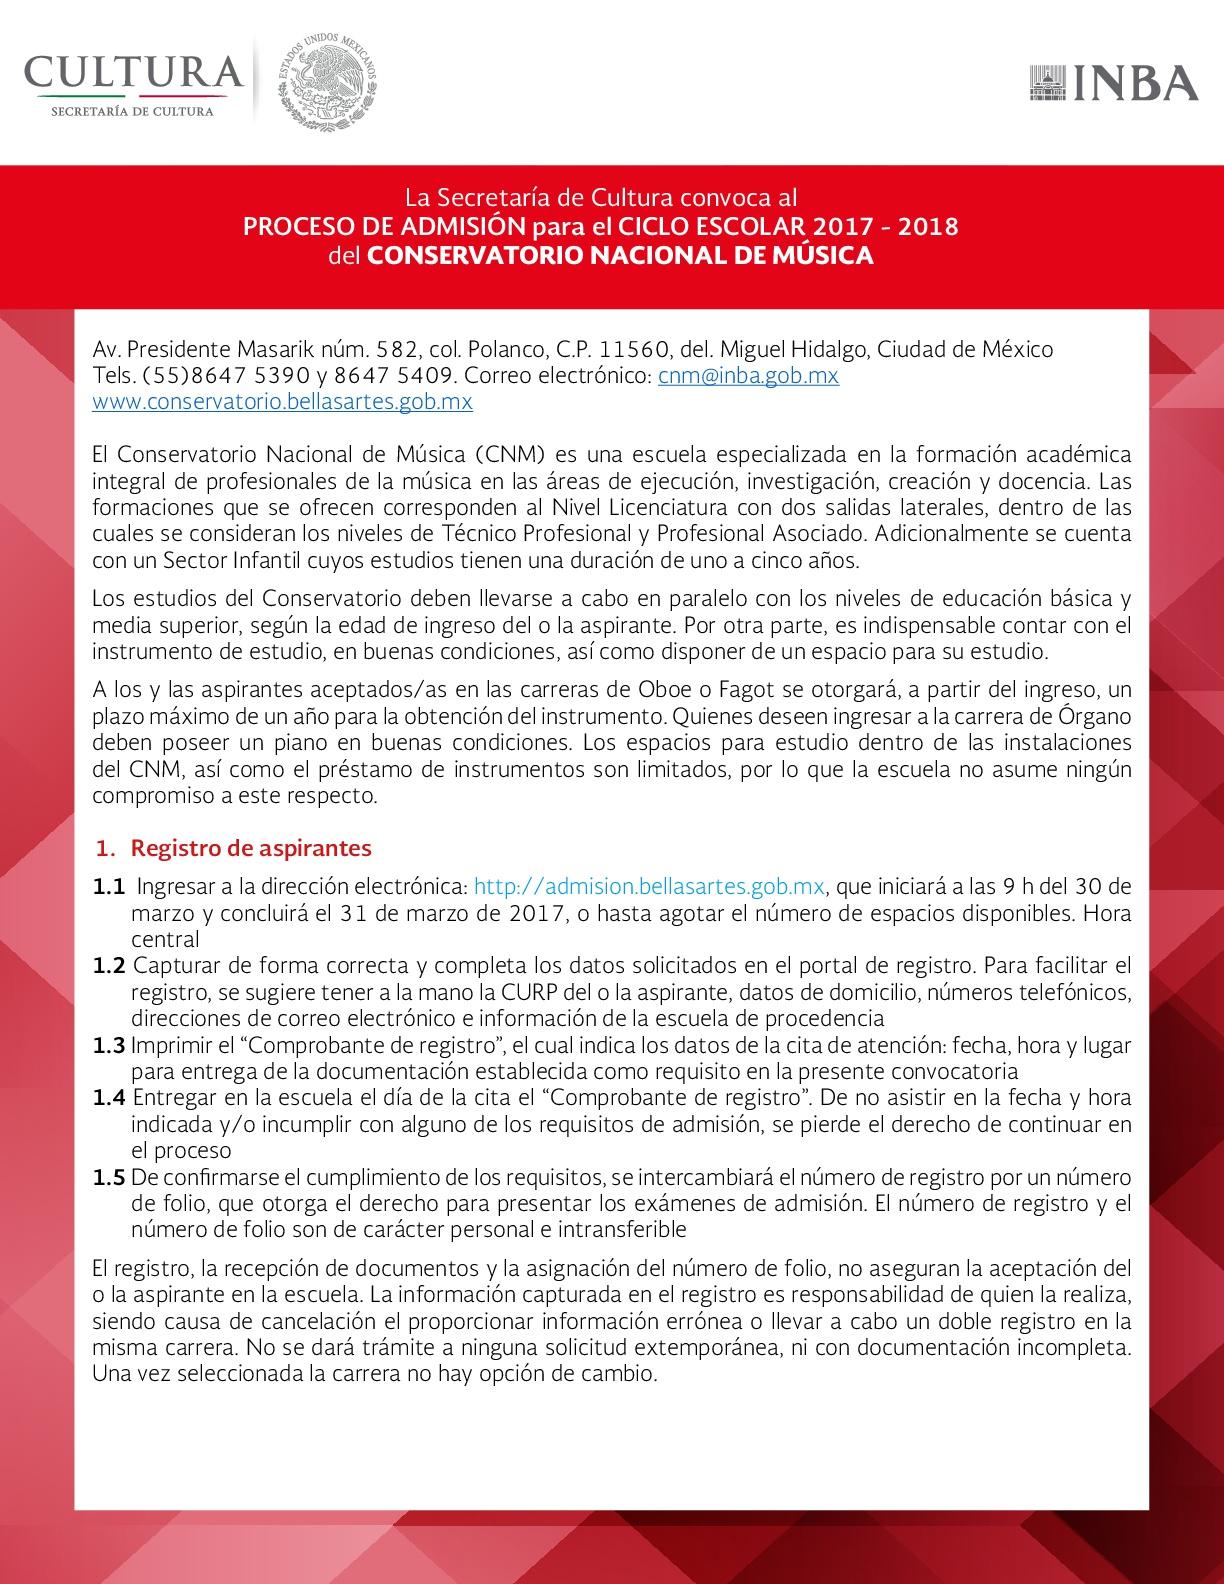 Convocatoria conservatorio nacional de m sica for Conservatorio de musica